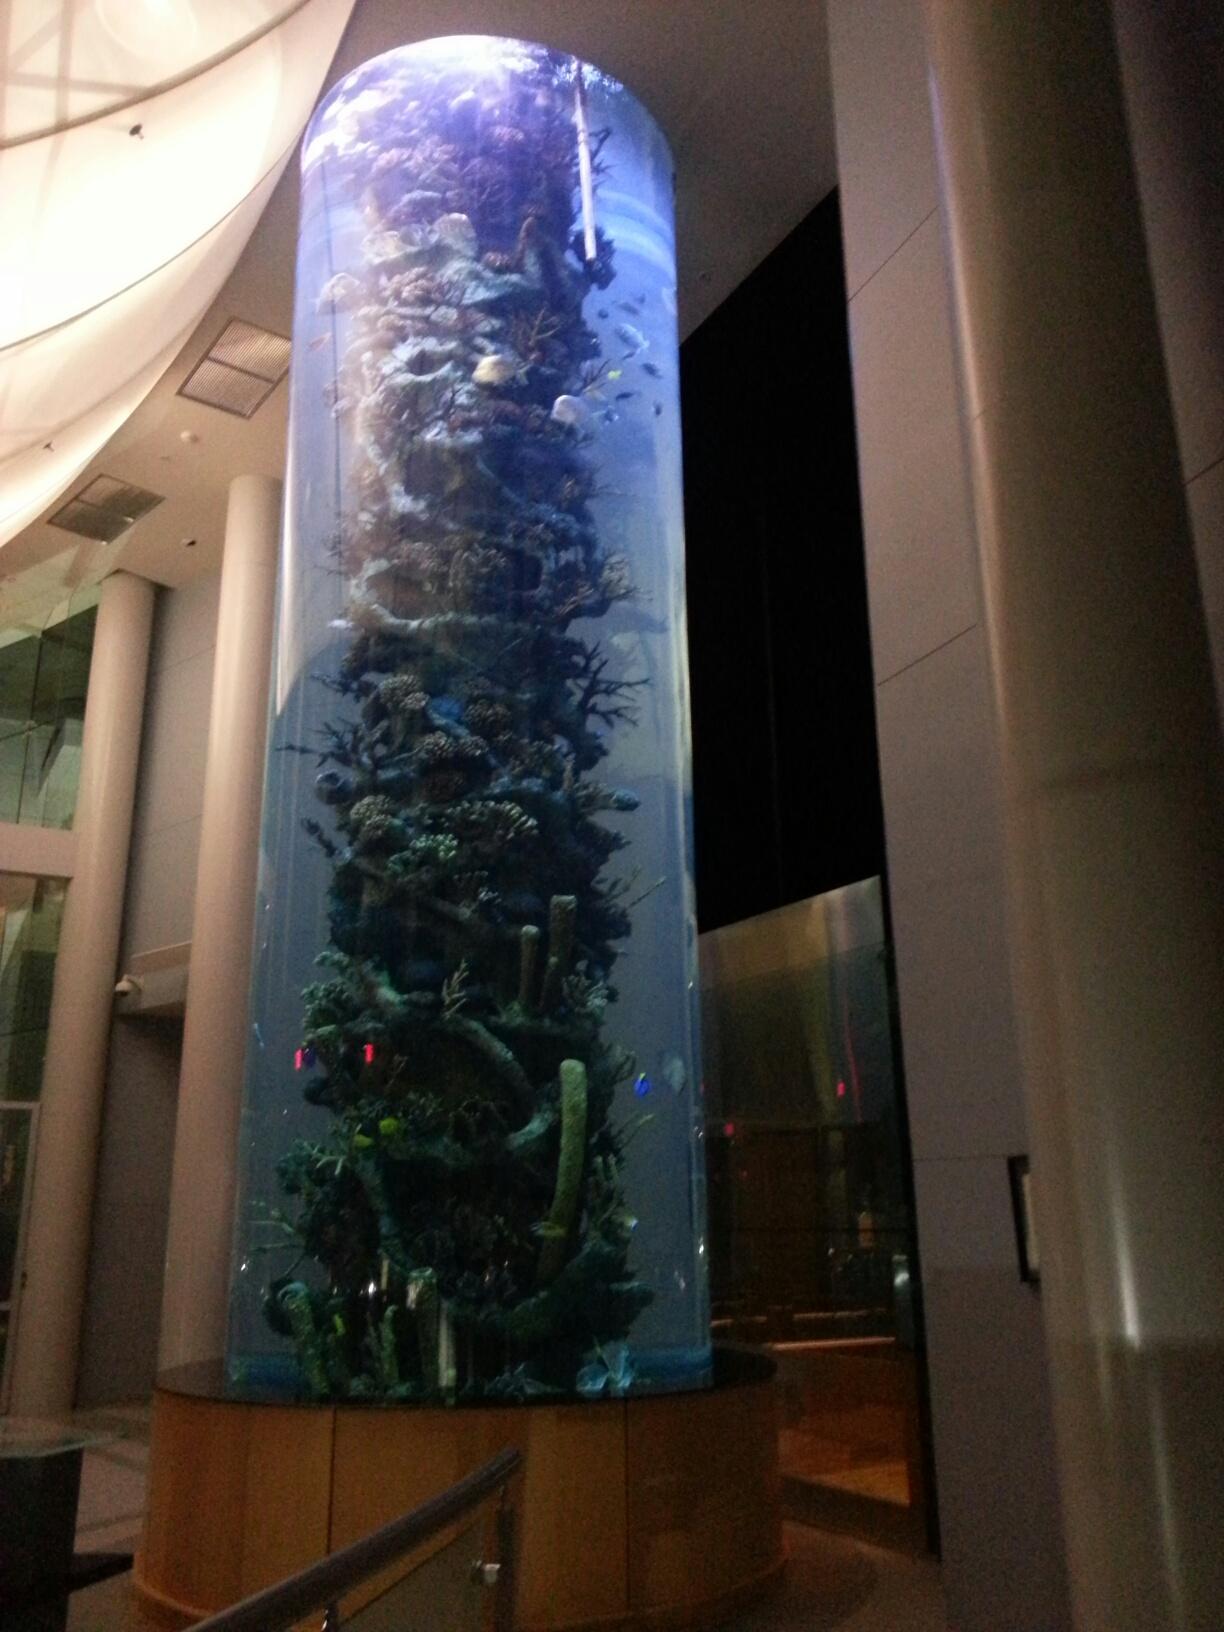 10 000 gallon aquarium aquatic creations group inc for 10000 gallon fish tank